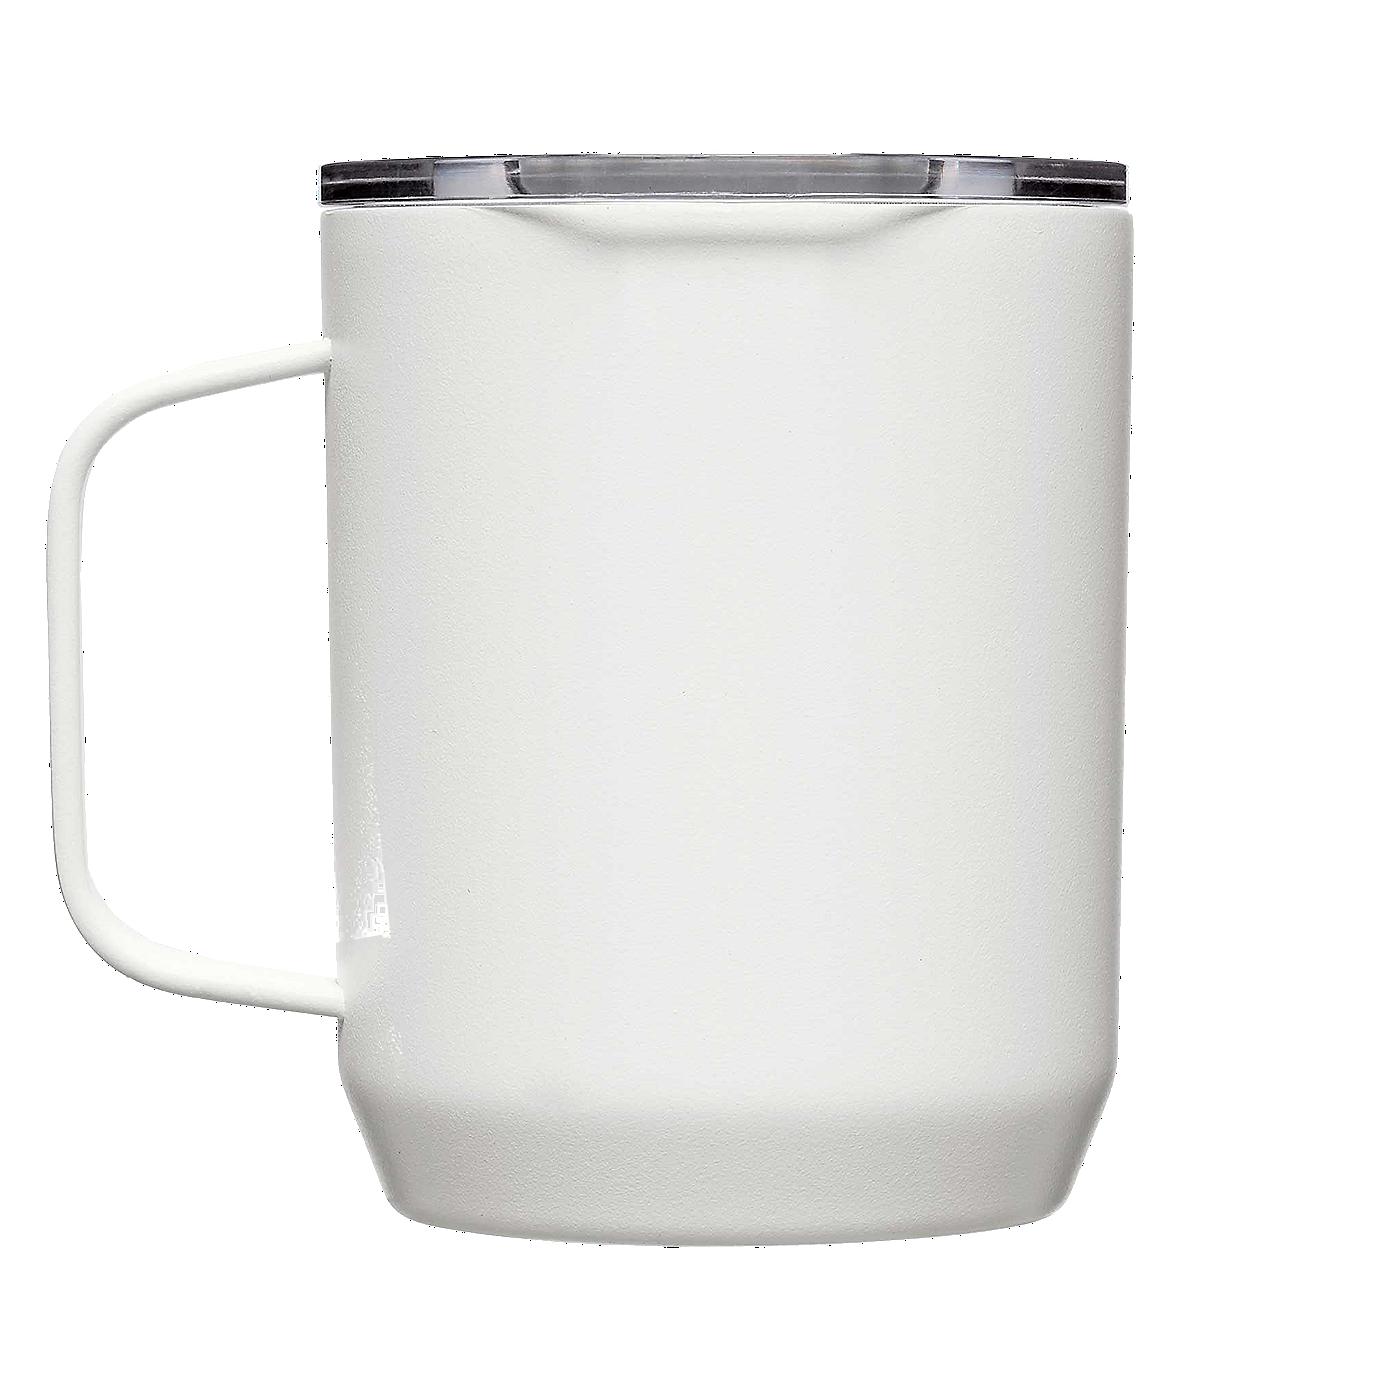 Camelbak Horizon 12 Oz. Vacuum Insulated Camp Mug